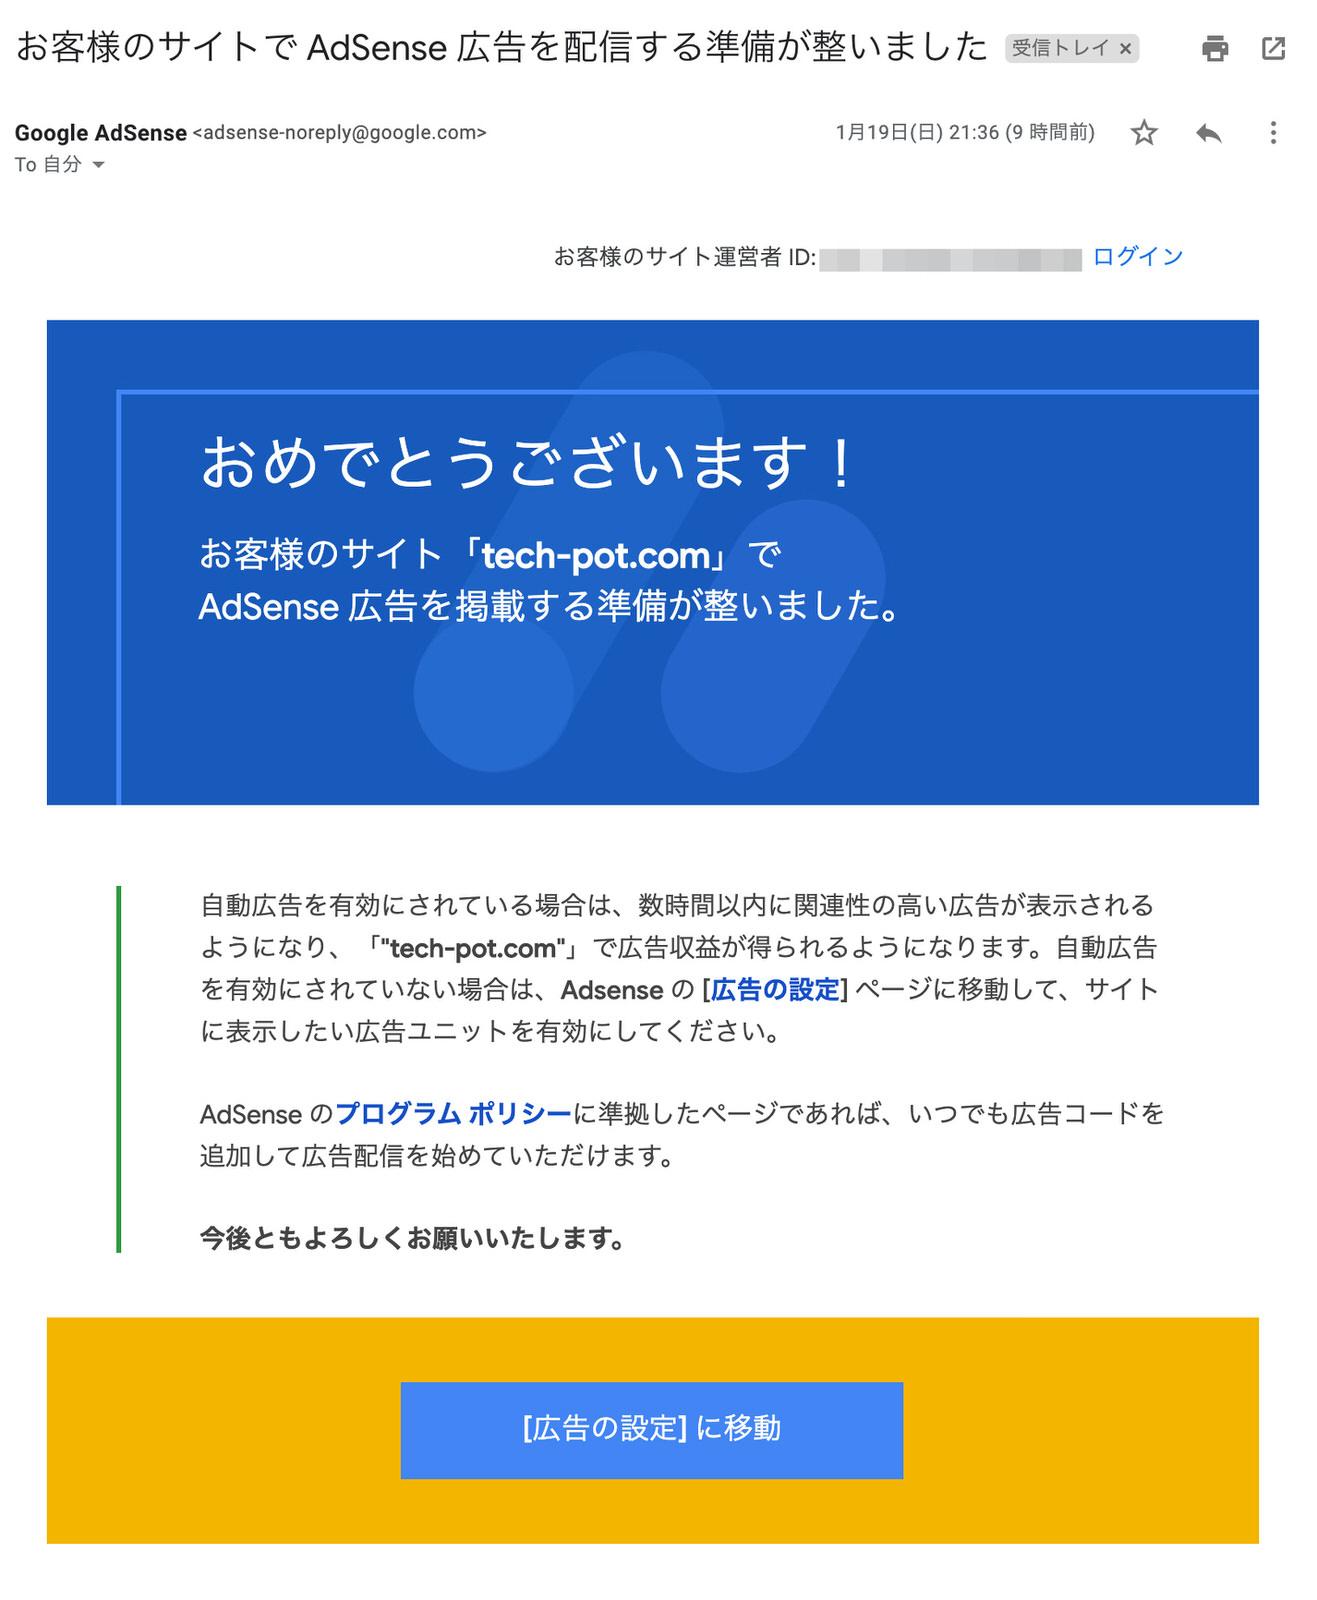 Googleアドセンスの承認通知メール